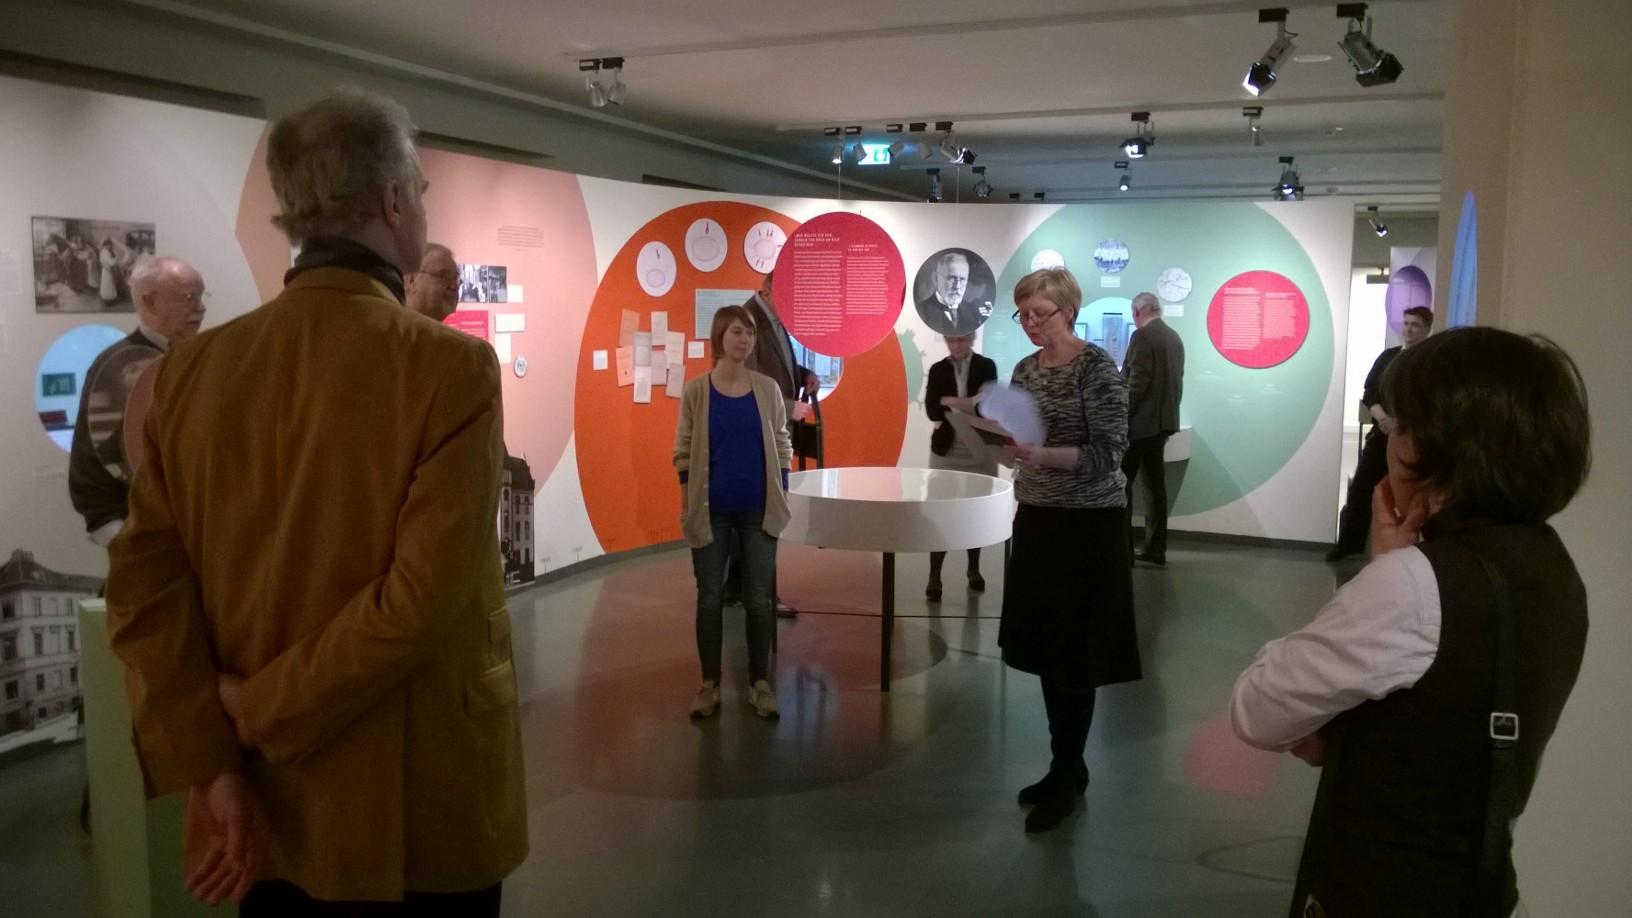 historisches museum frankfurt: Was macht eine Registrarin am hmf?